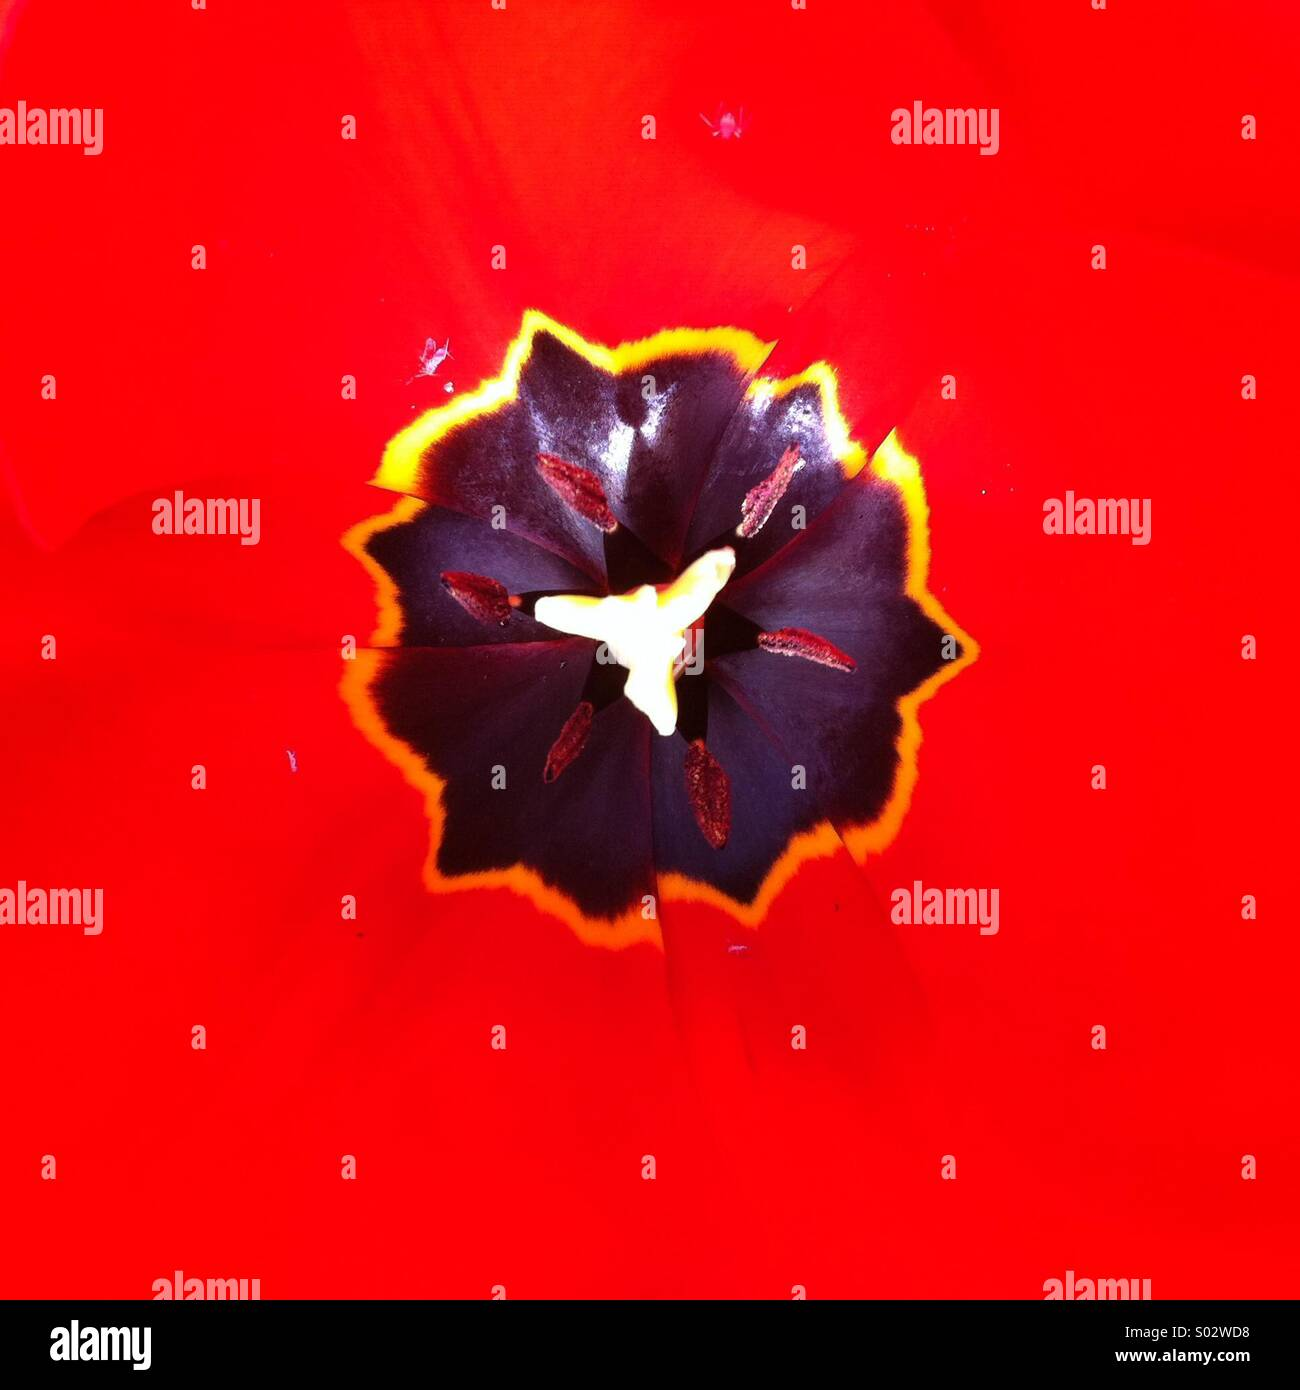 Nero di forma irregolare su un forte sfondo rosso Tulip flower close up Immagini Stock